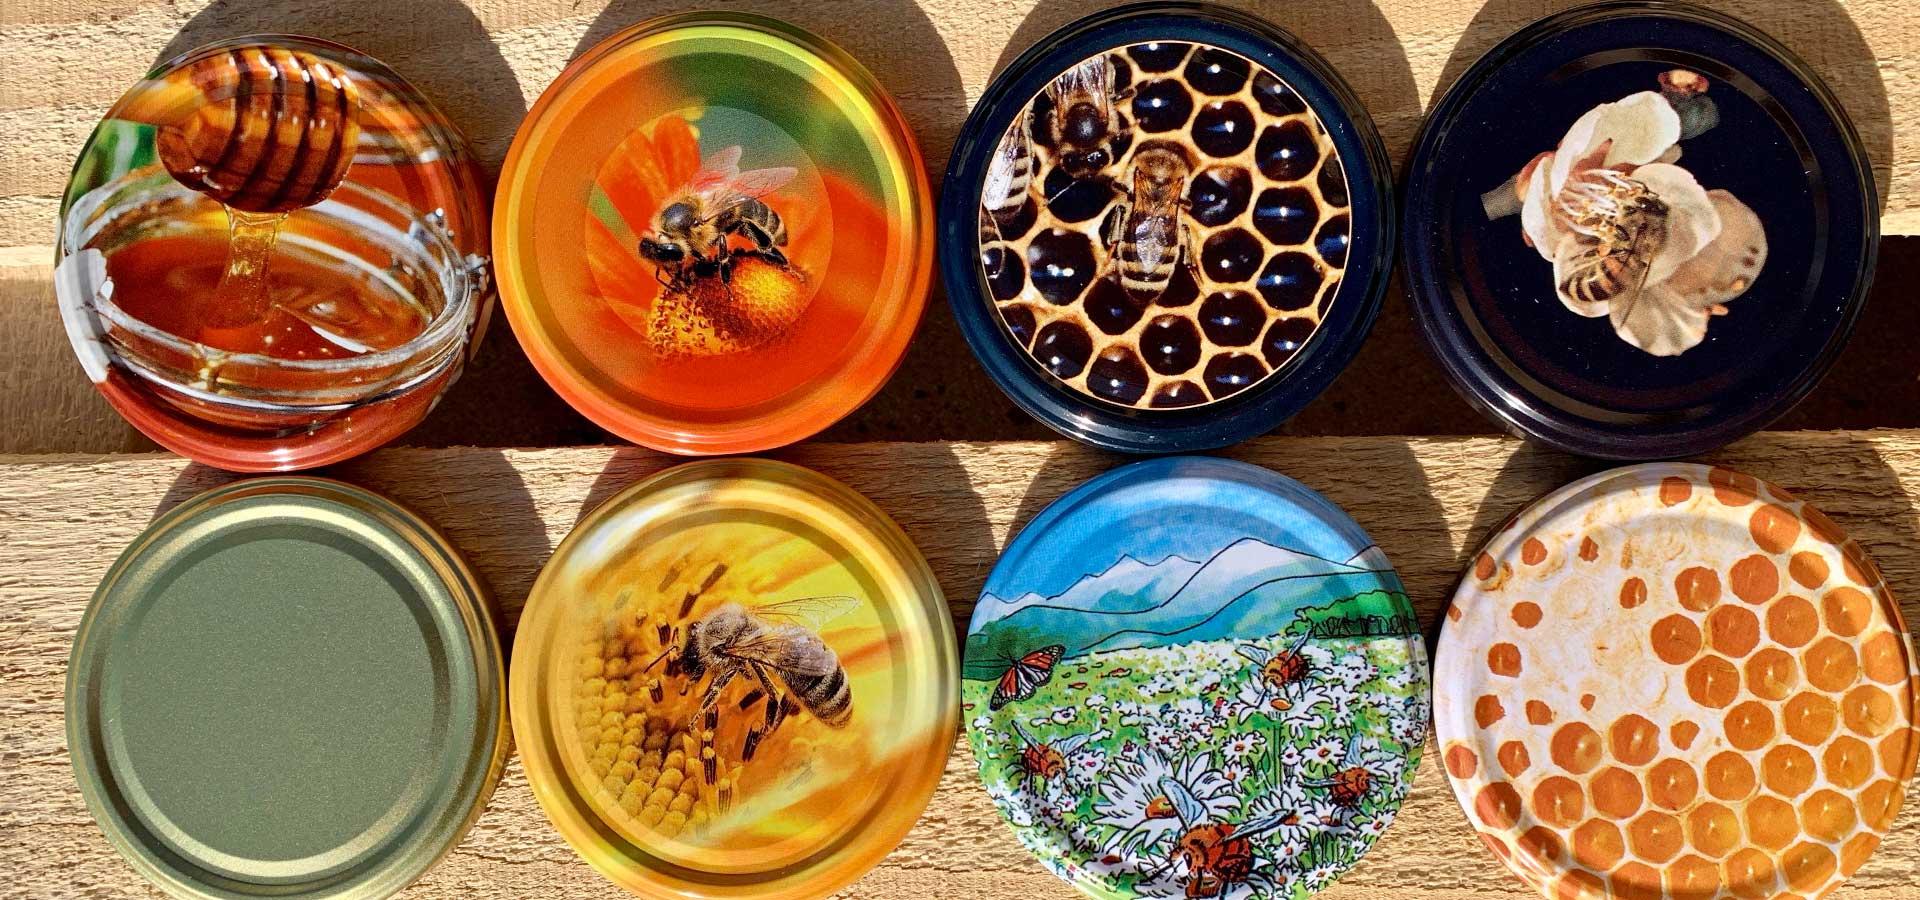 Honiggläser für Imker und Bienen